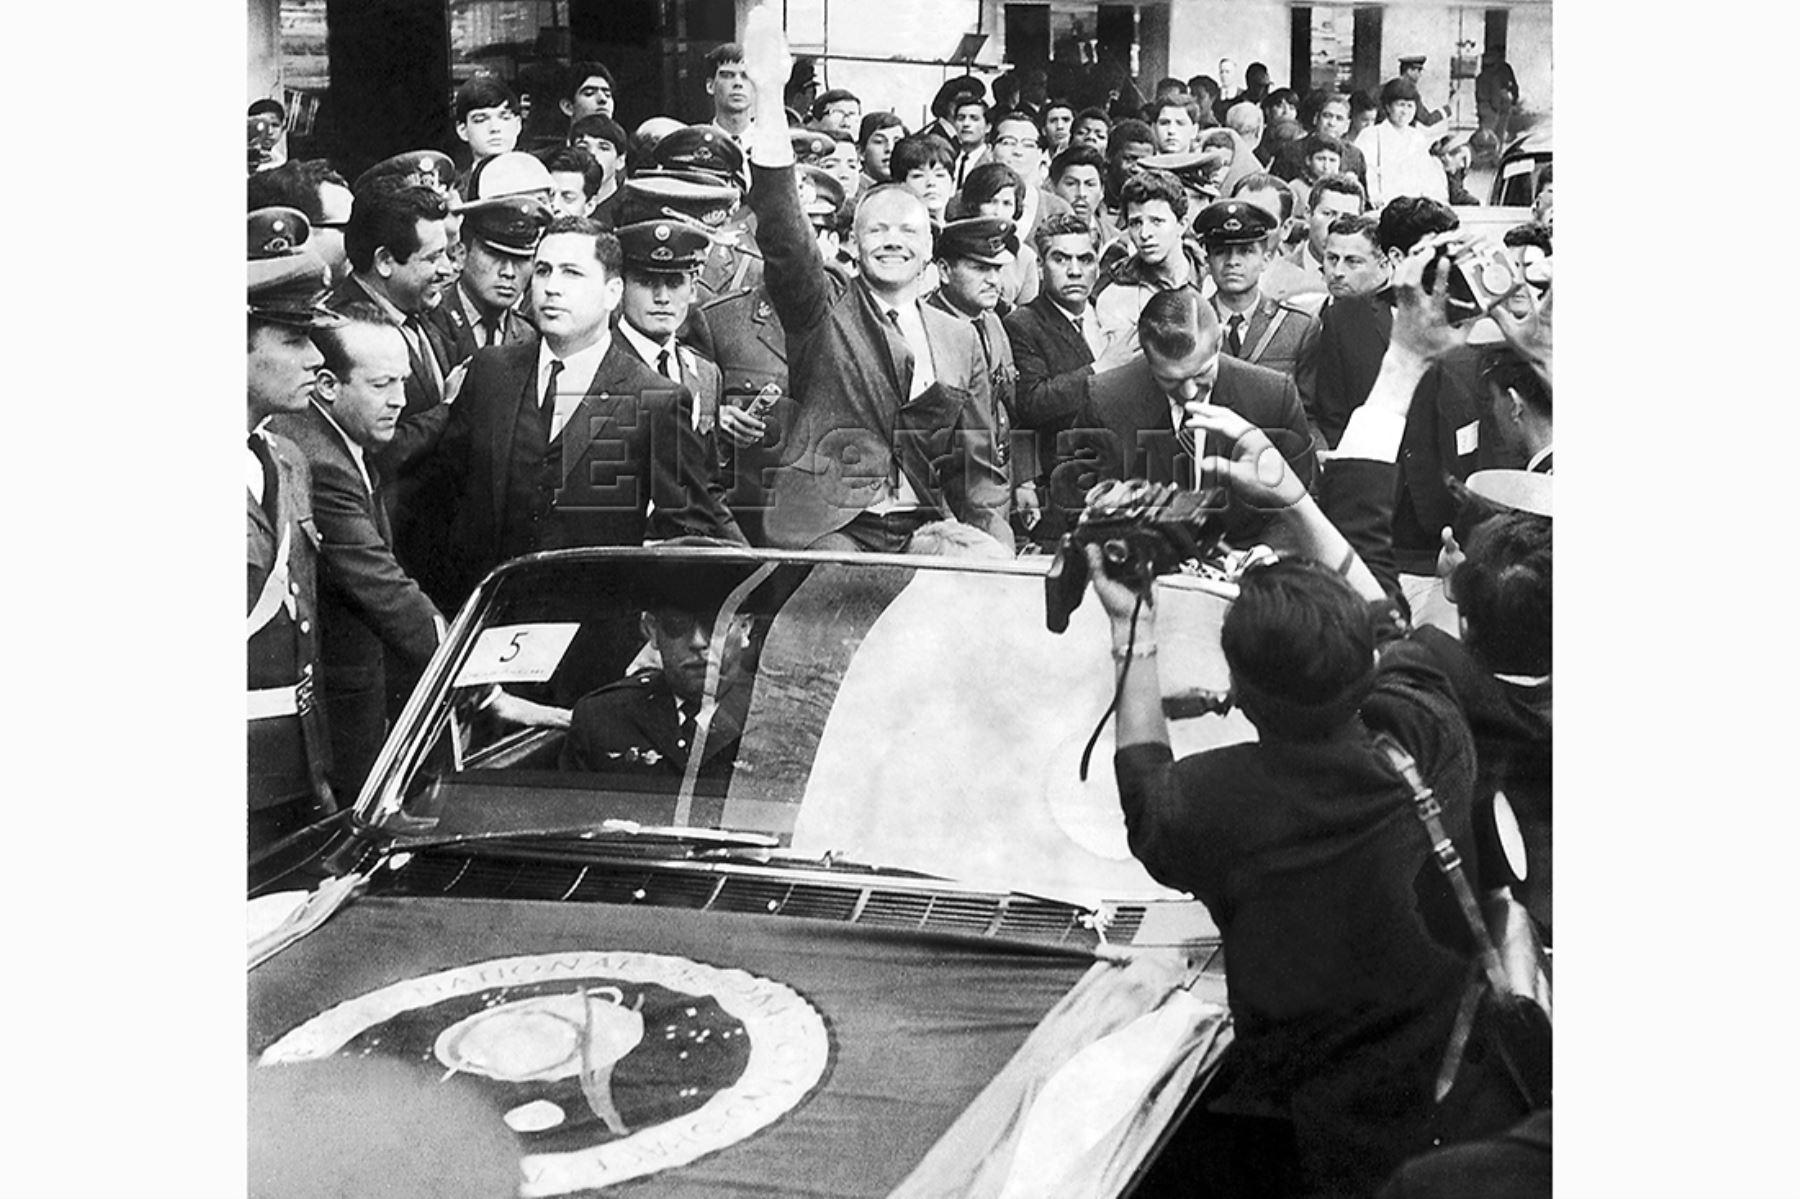 Lima - 13 octubre 1966 / Los astronautas norteamericanos Neil Armstrong y Richard Gordon fueron aclamados a su arribo a Lima. Miles de personas observaron su paso en carro descubierto.